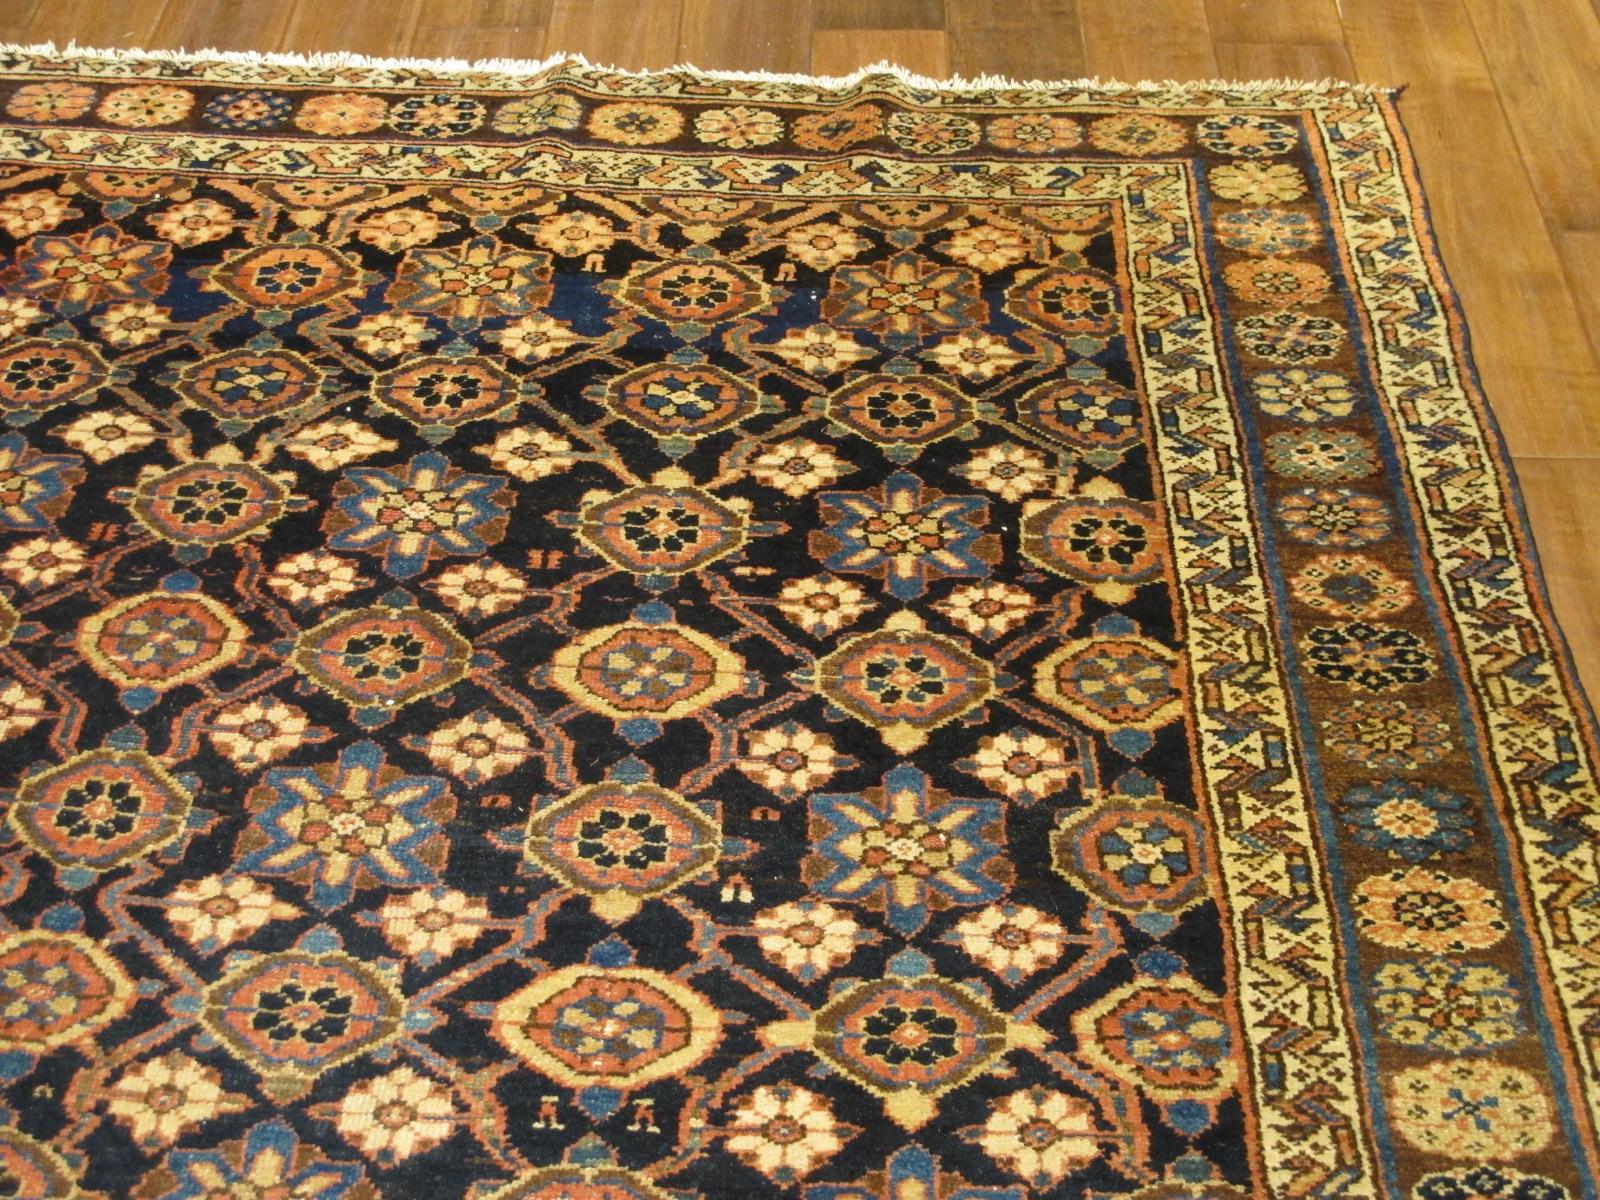 22148 Antique Persian Veramin gallery rug 5,5 x 11,2 (3)